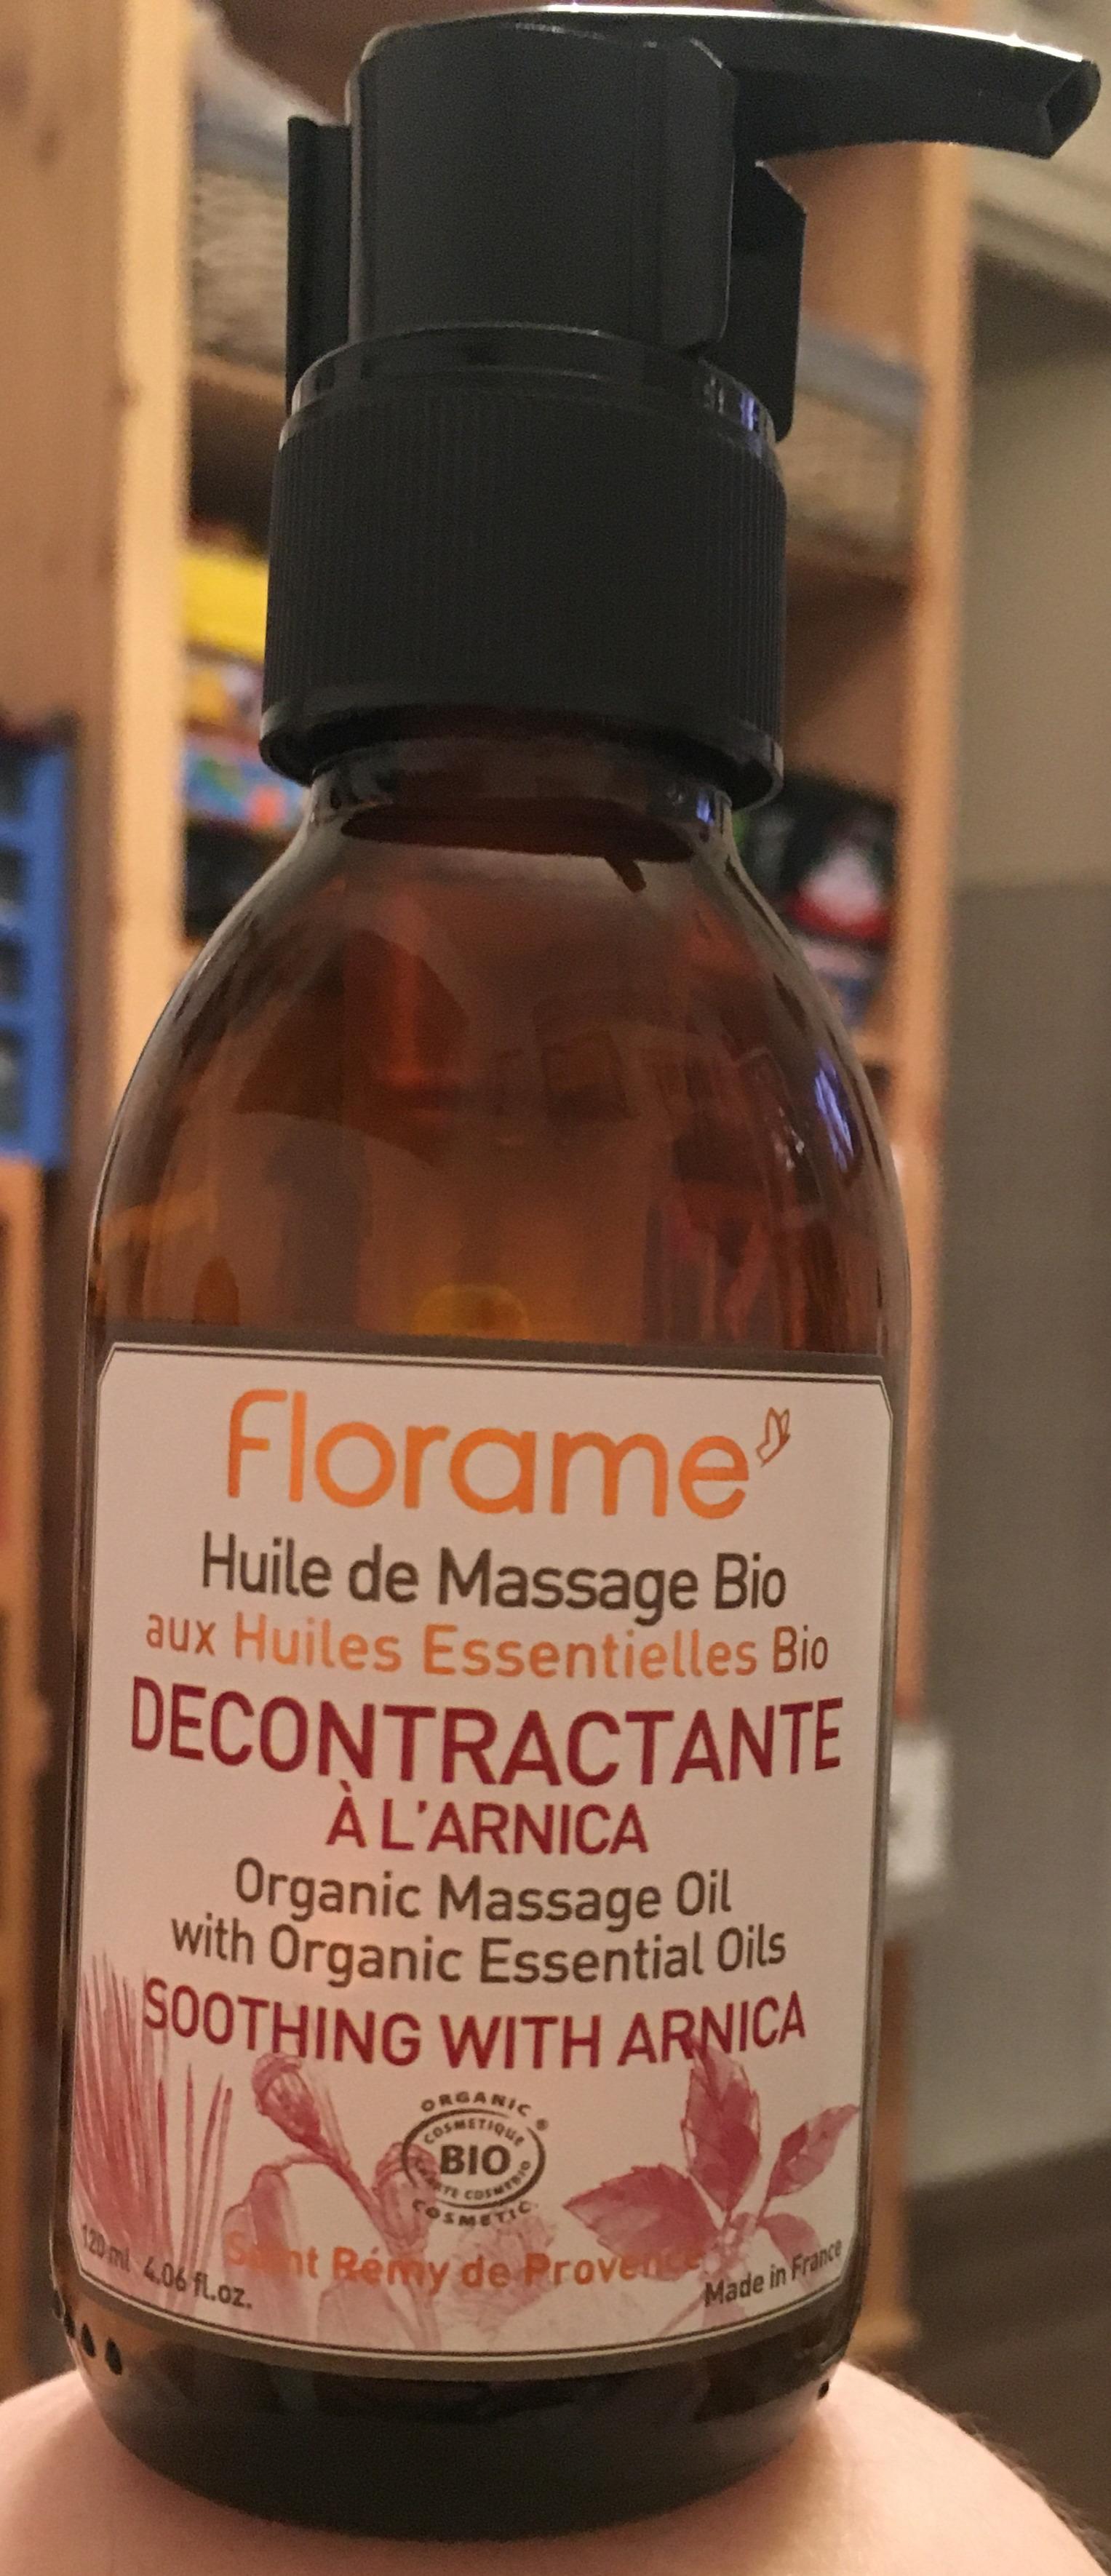 J'ai testé pour vous florame – huile de massage bio décontractante